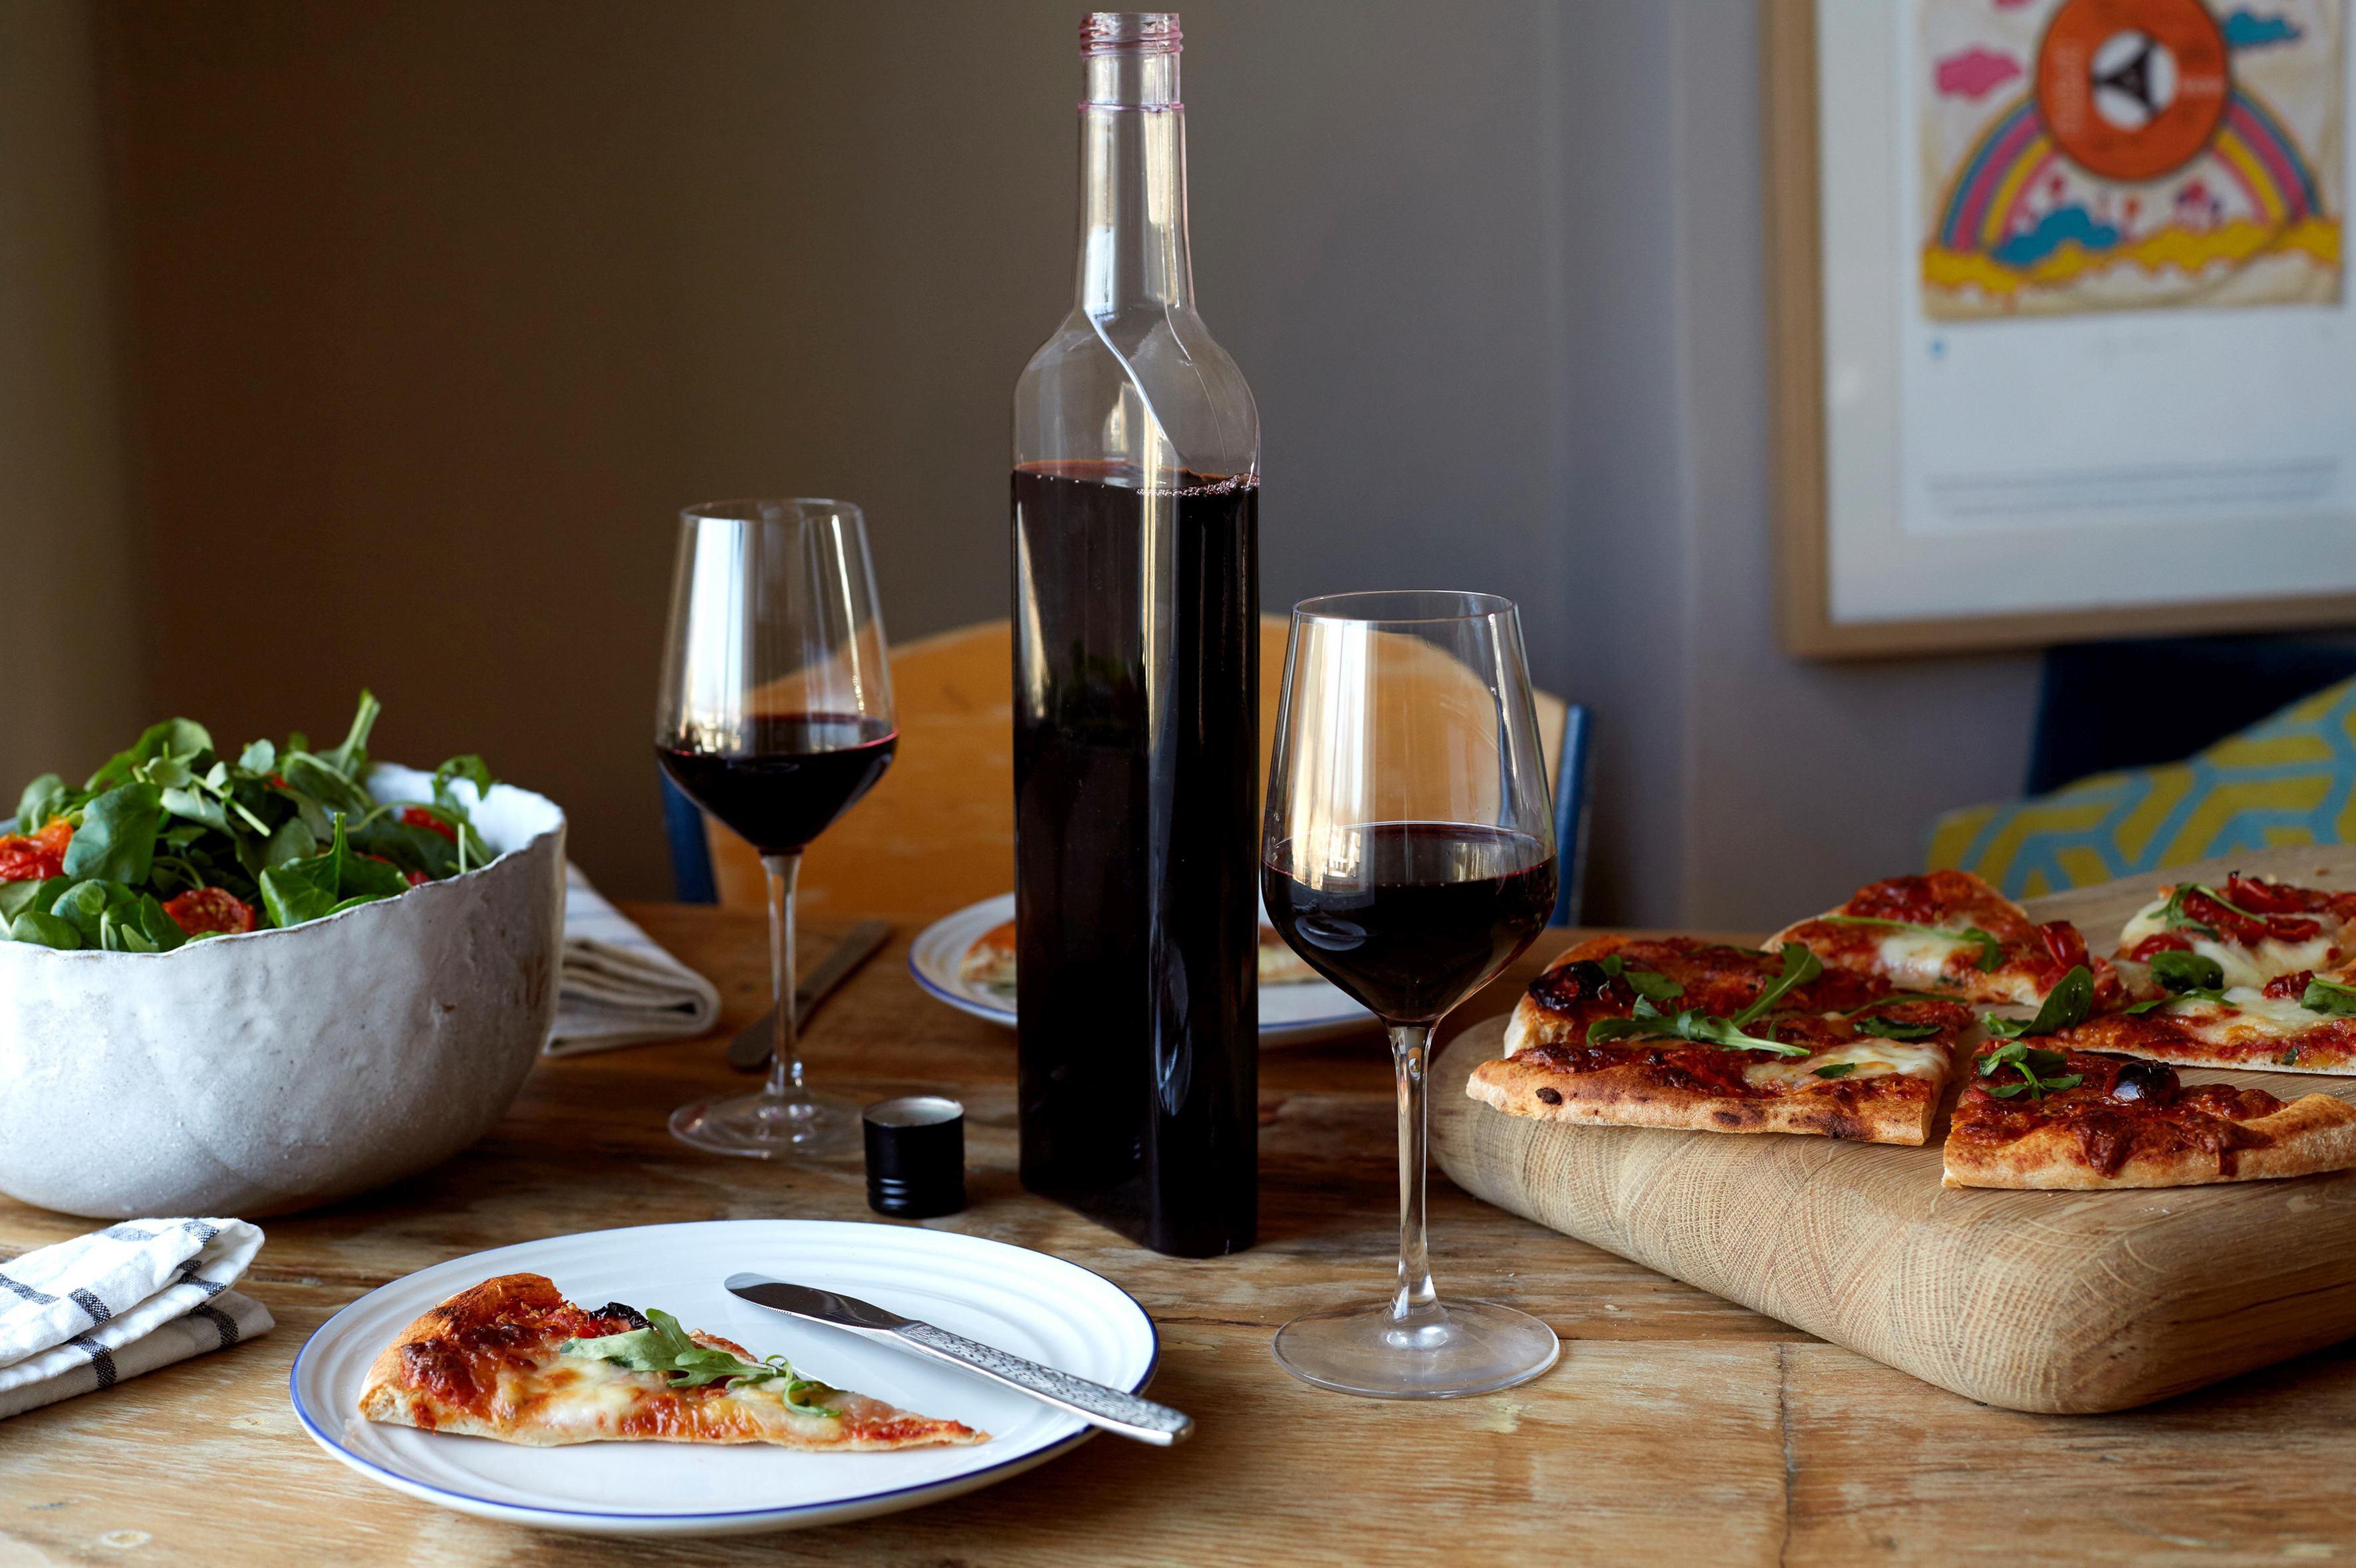 Sticla de vin, cu o formă unică în lume, creată special pentru a fi livrată în cutia poştală